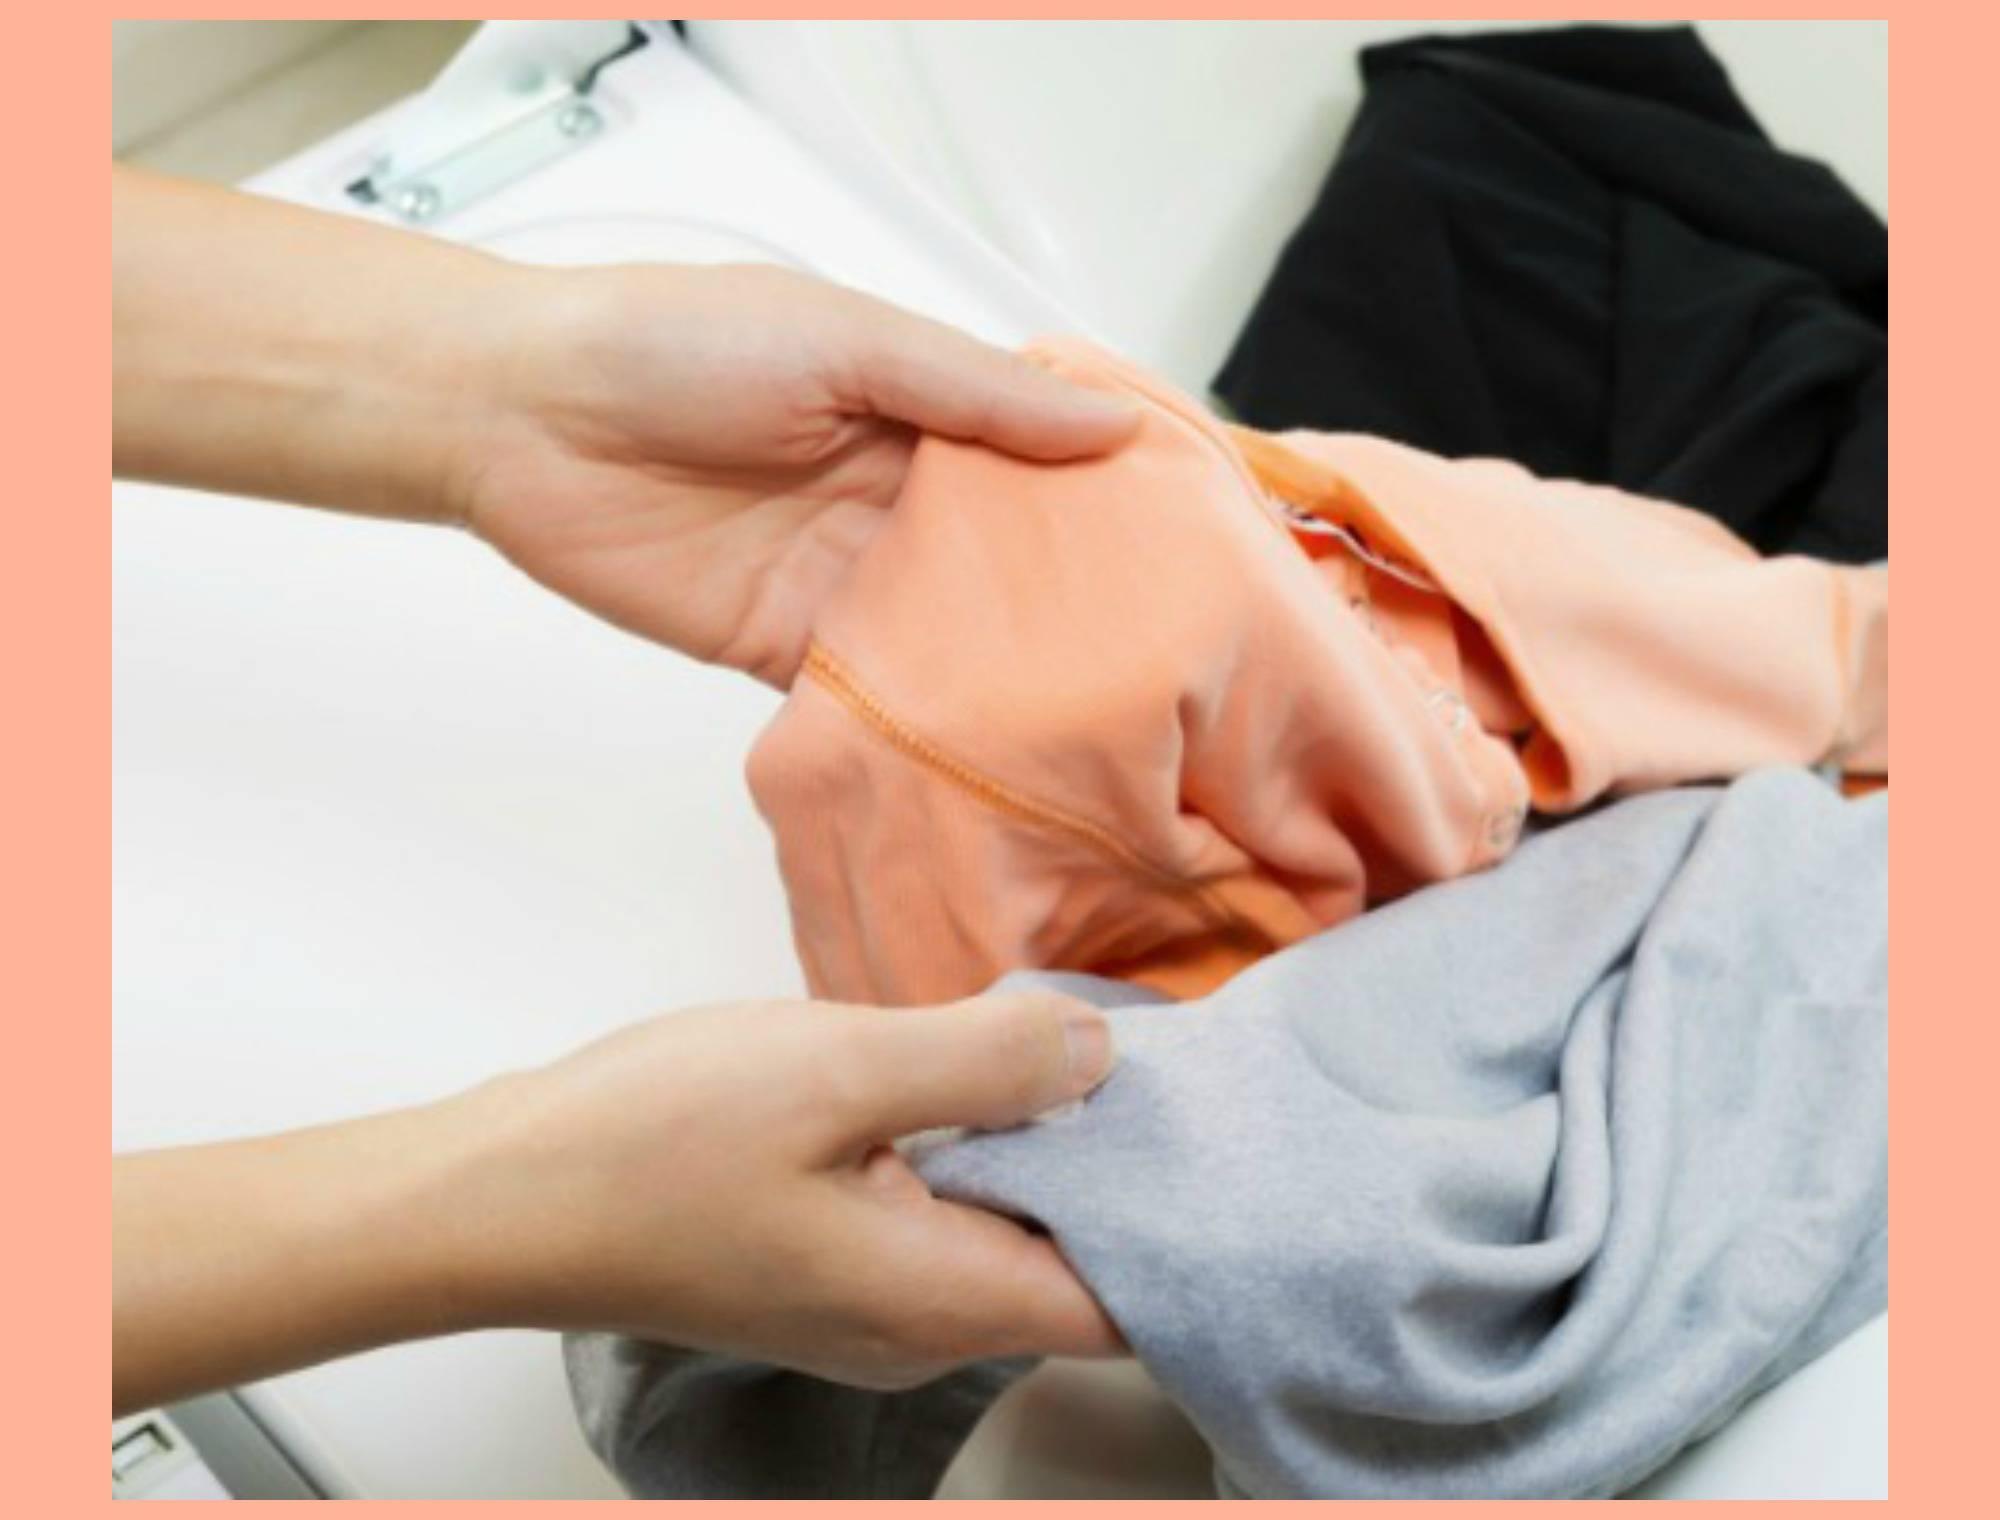 Cosa Non Mettere Nell Asciugatrice come profumare i panni nell'asciugatrice